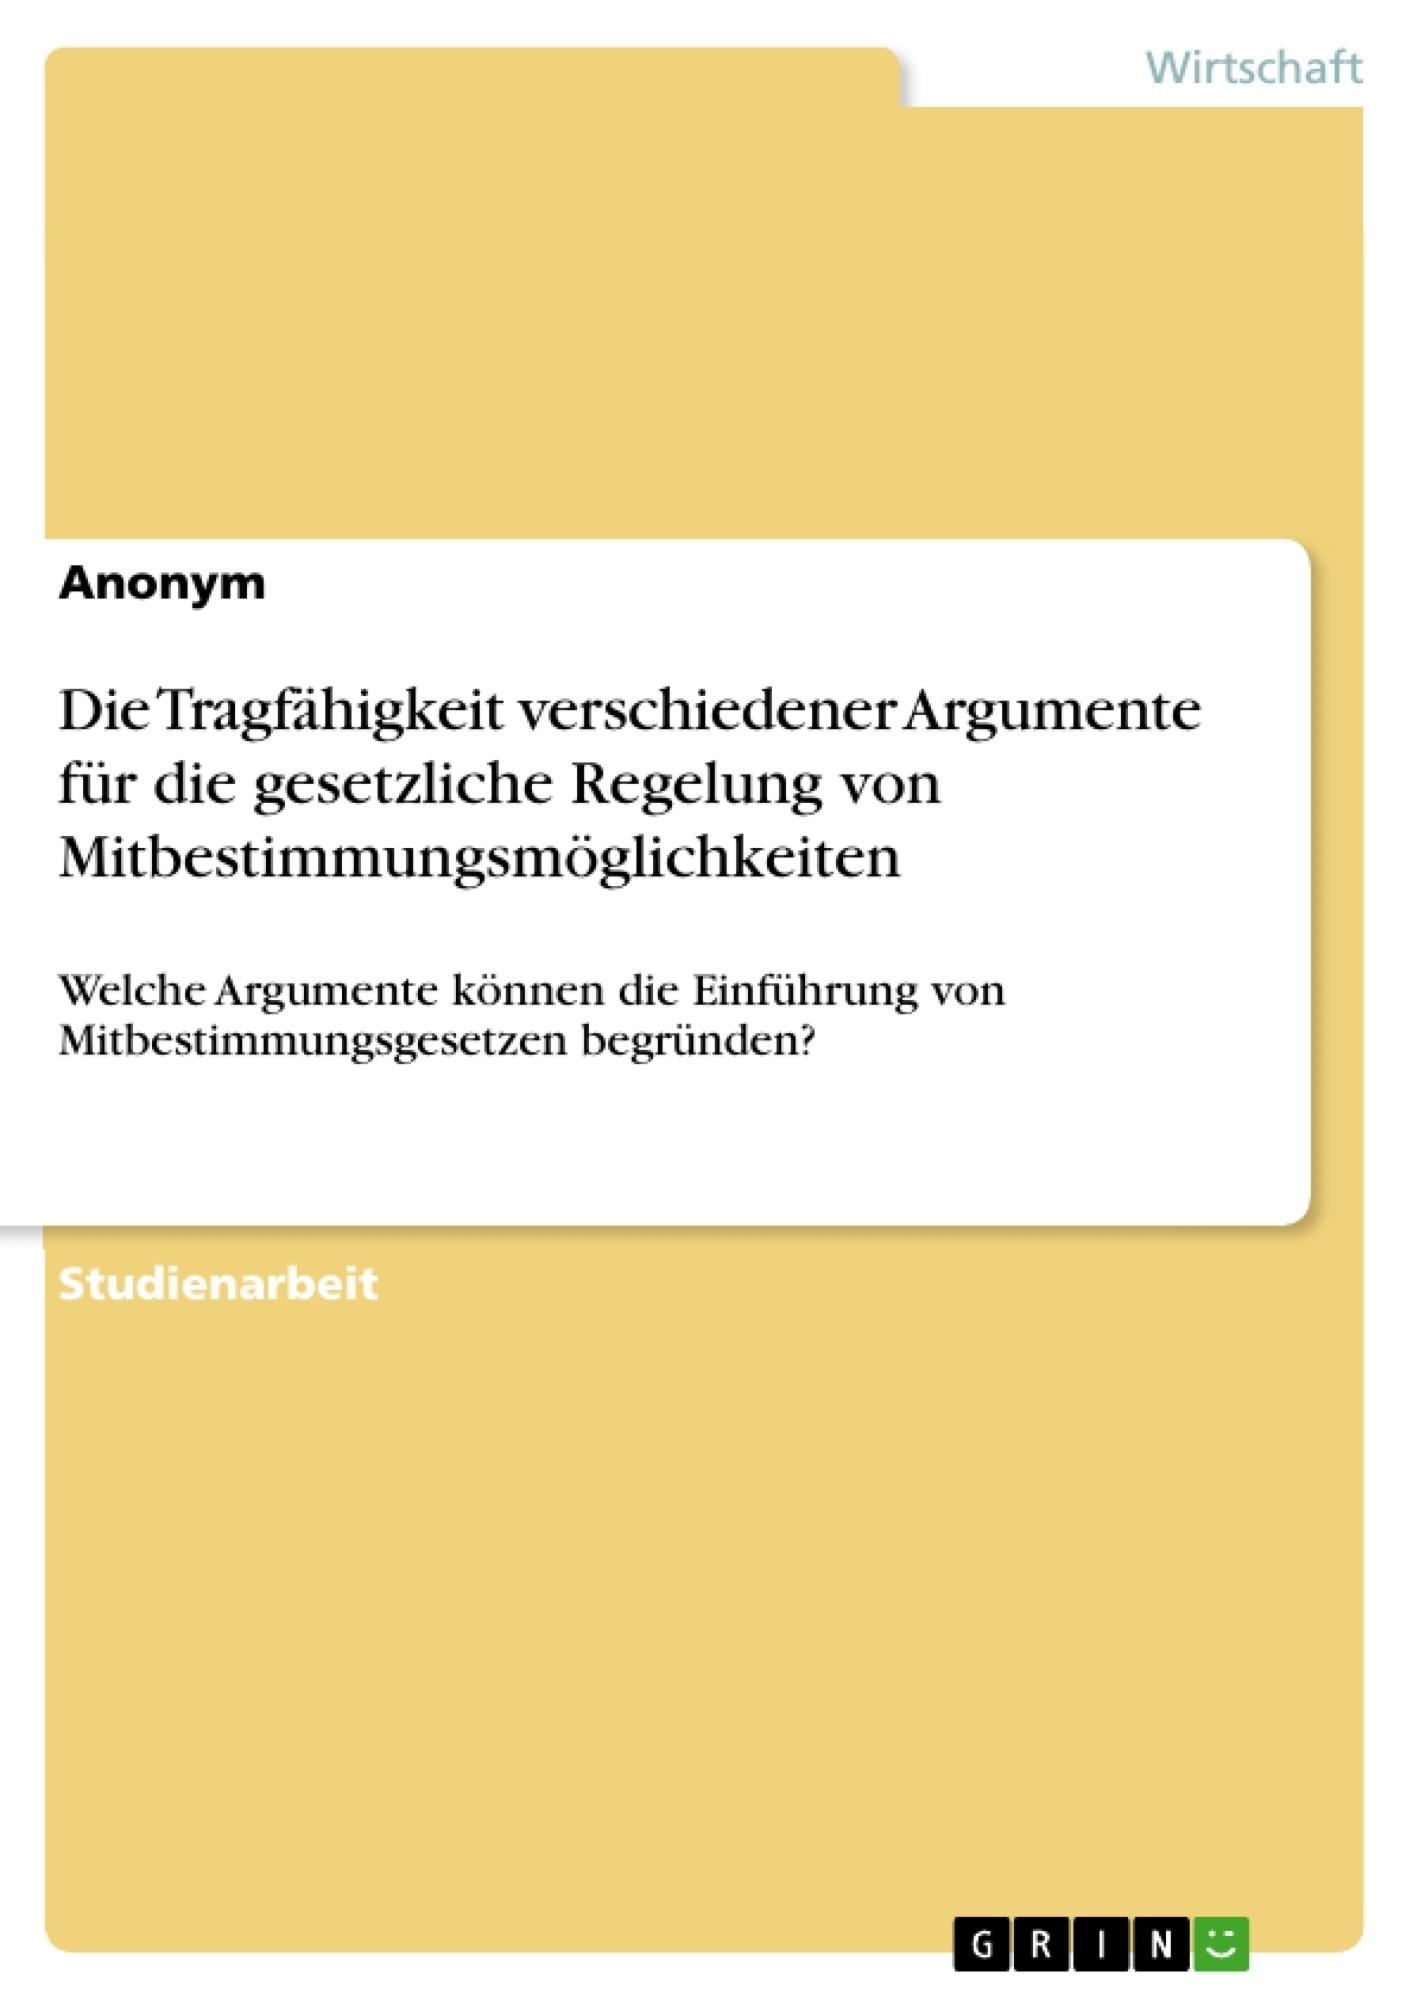 Titel: Die Tragfähigkeit verschiedener Argumente für die gesetzliche Regelung von Mitbestimmungsmöglichkeiten